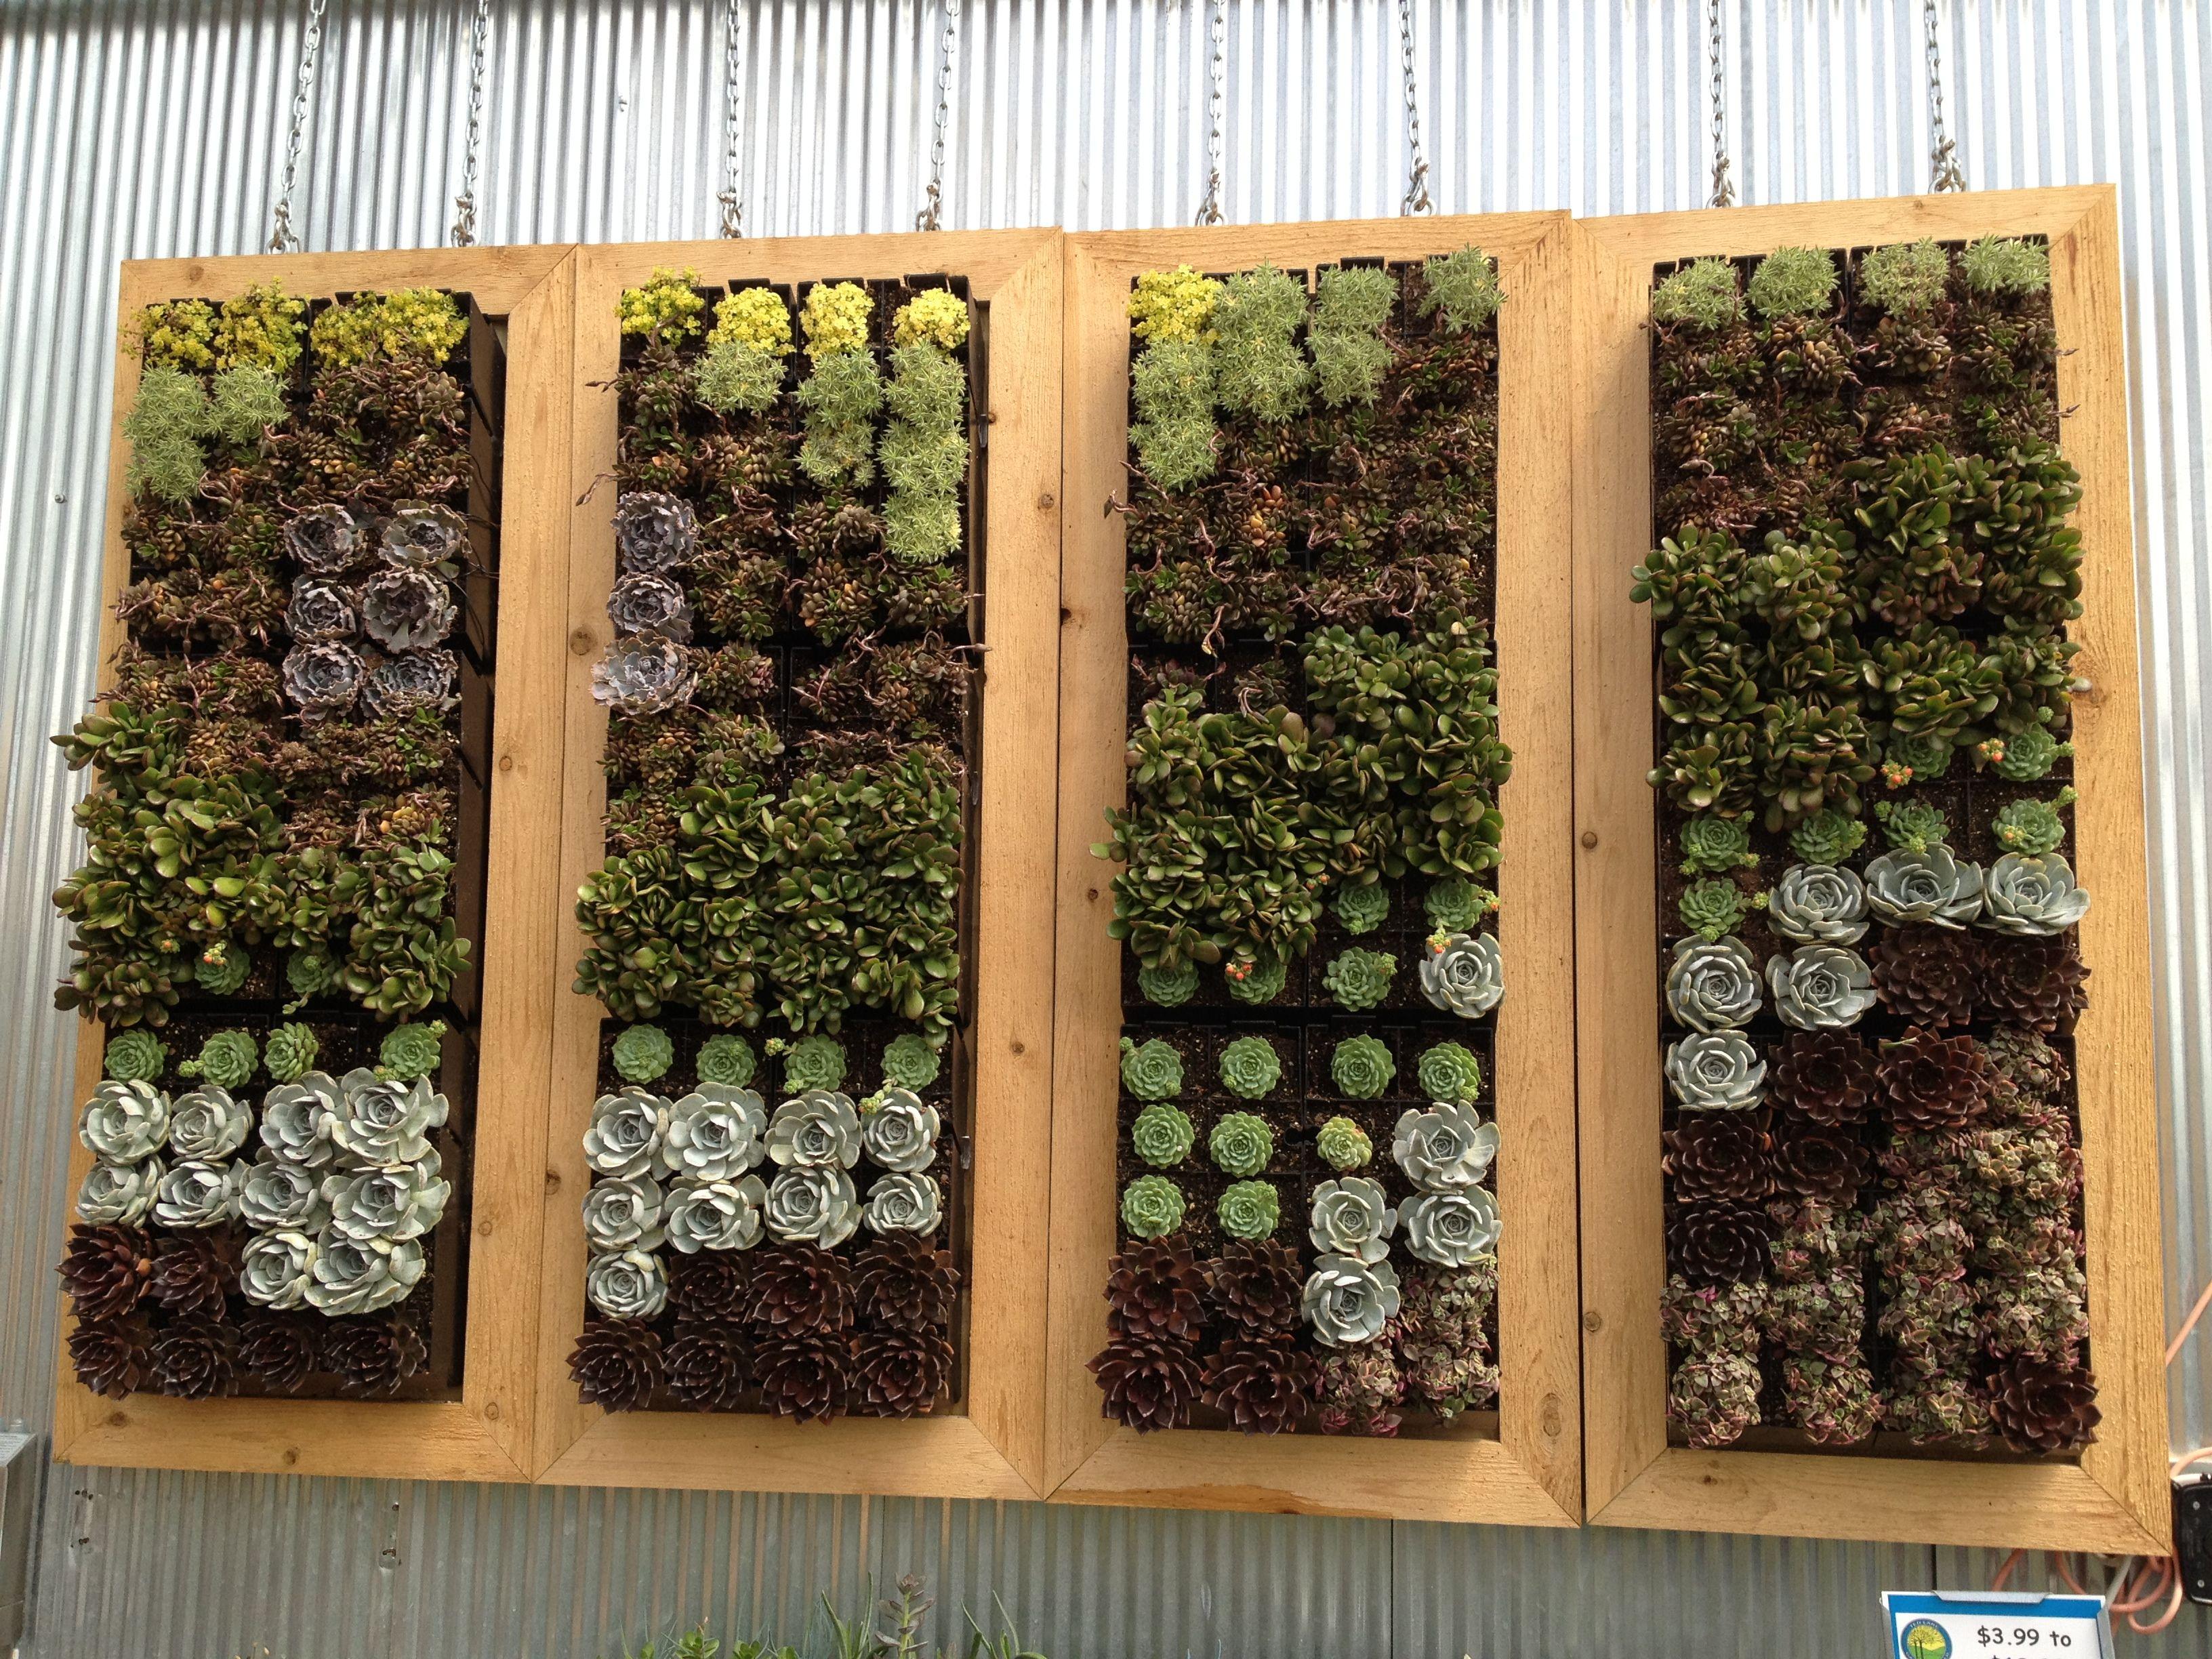 Succulent Wall | Vertical Gardening | Pinterest | Succulent wall ...